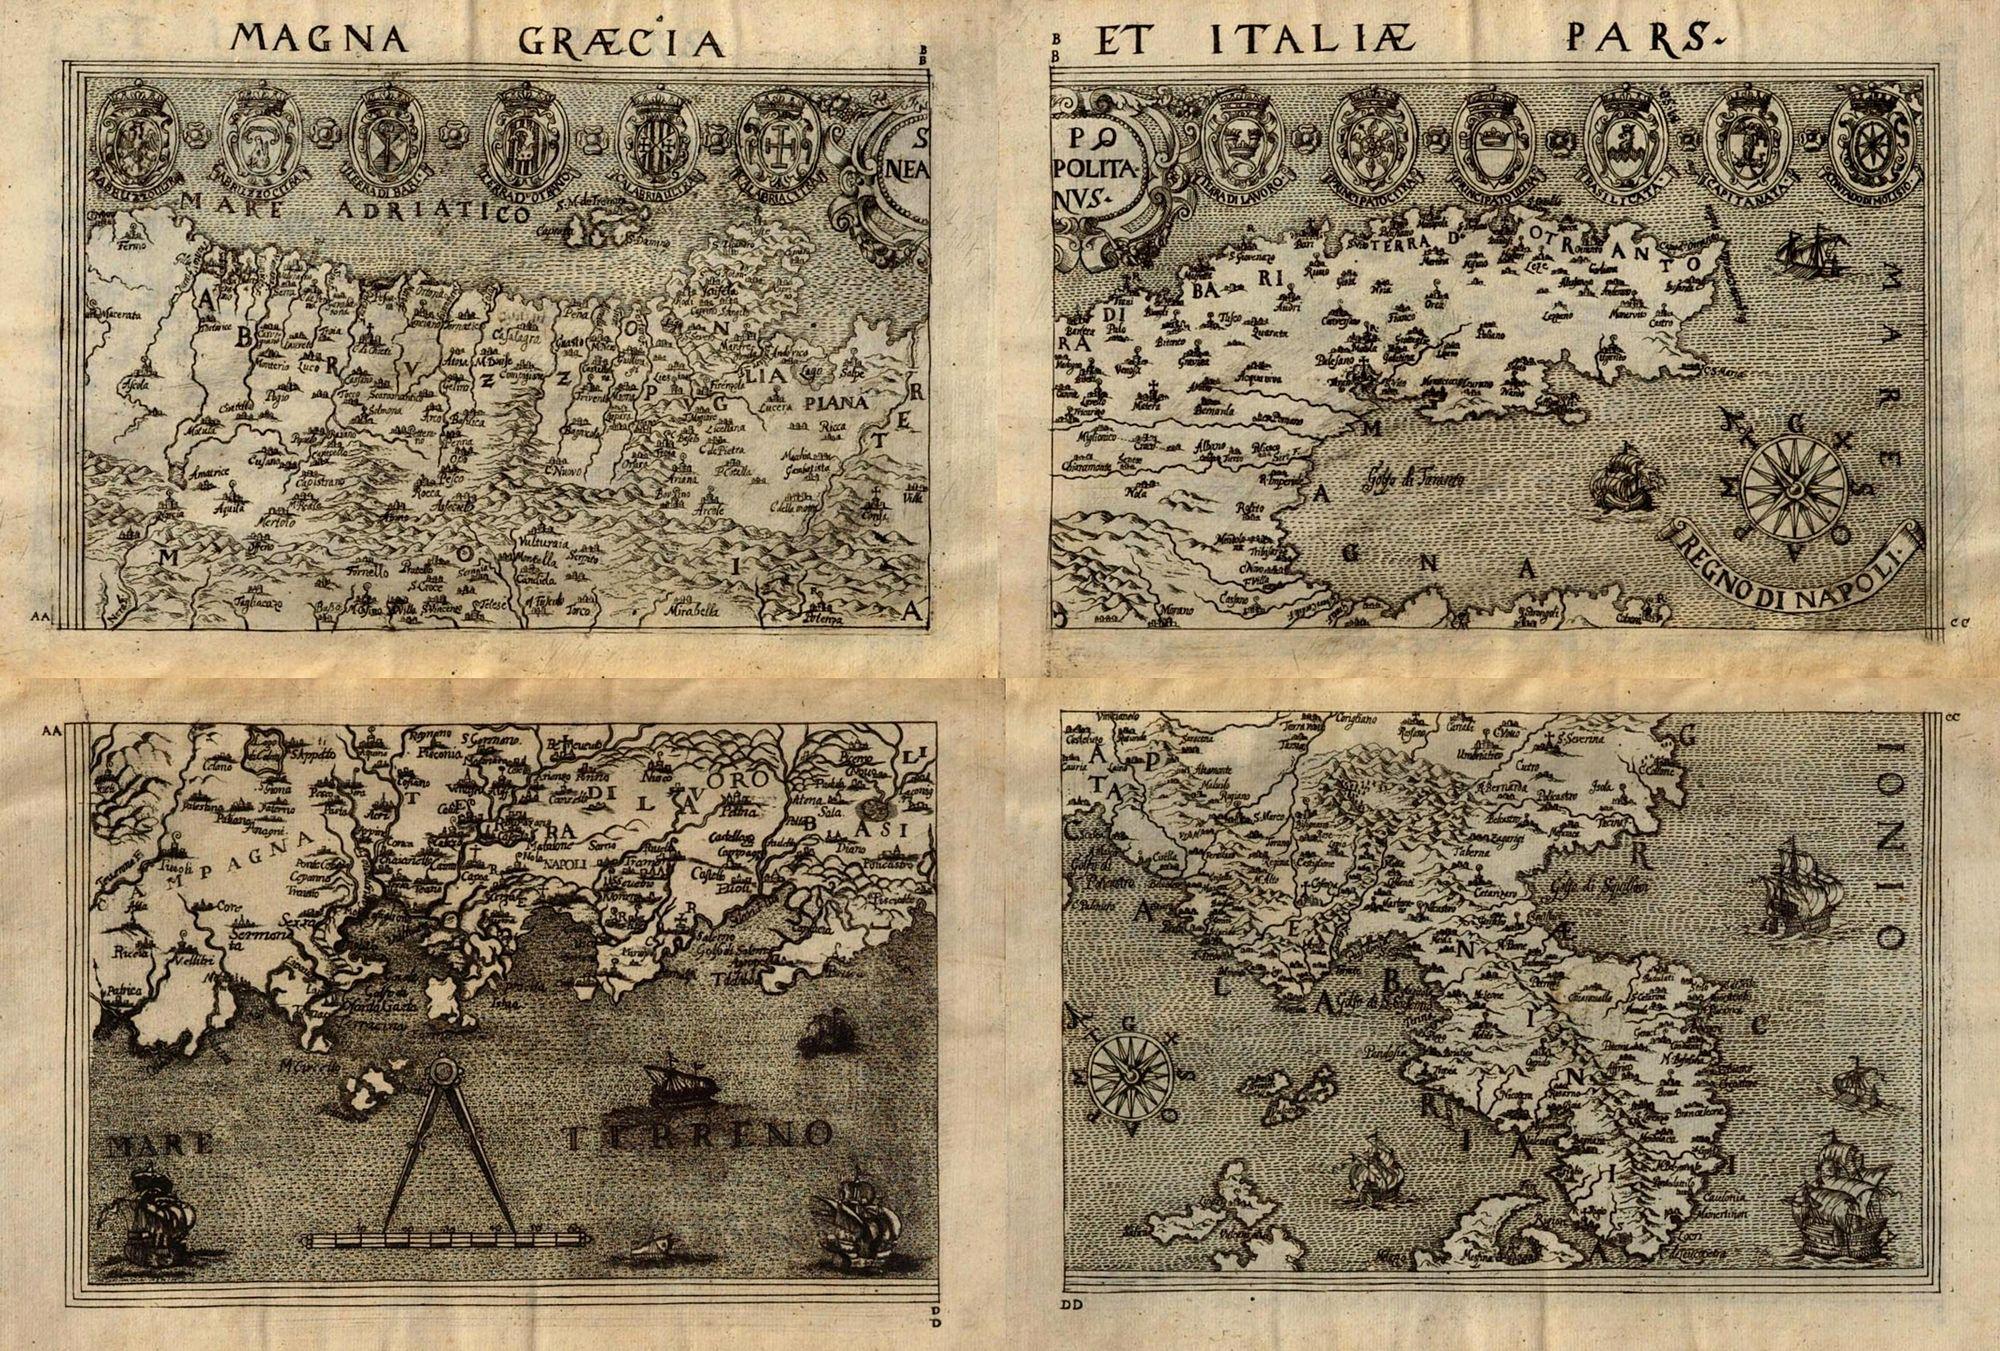 Prospero Parisio, Magna Grecia et pars Italiae, riedizione del 1683 | A Napoli è in mostra la 1a edizione del 1592